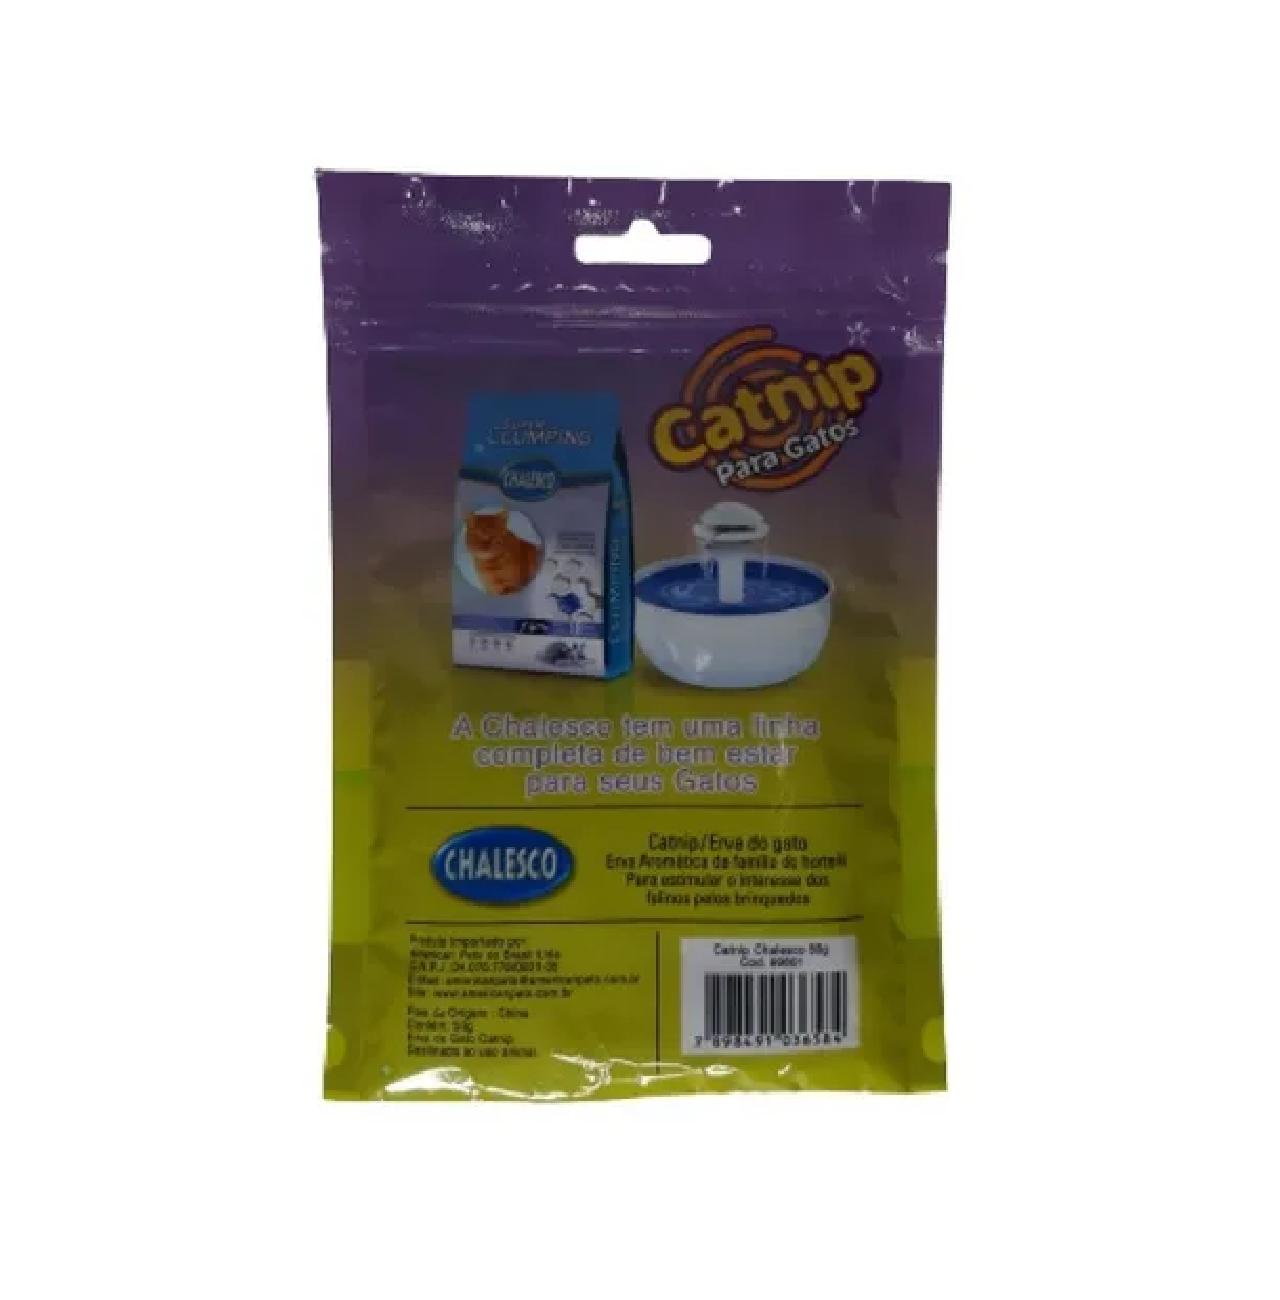 Catnip A Erva Do Gato 50 Gramas - Chalesco